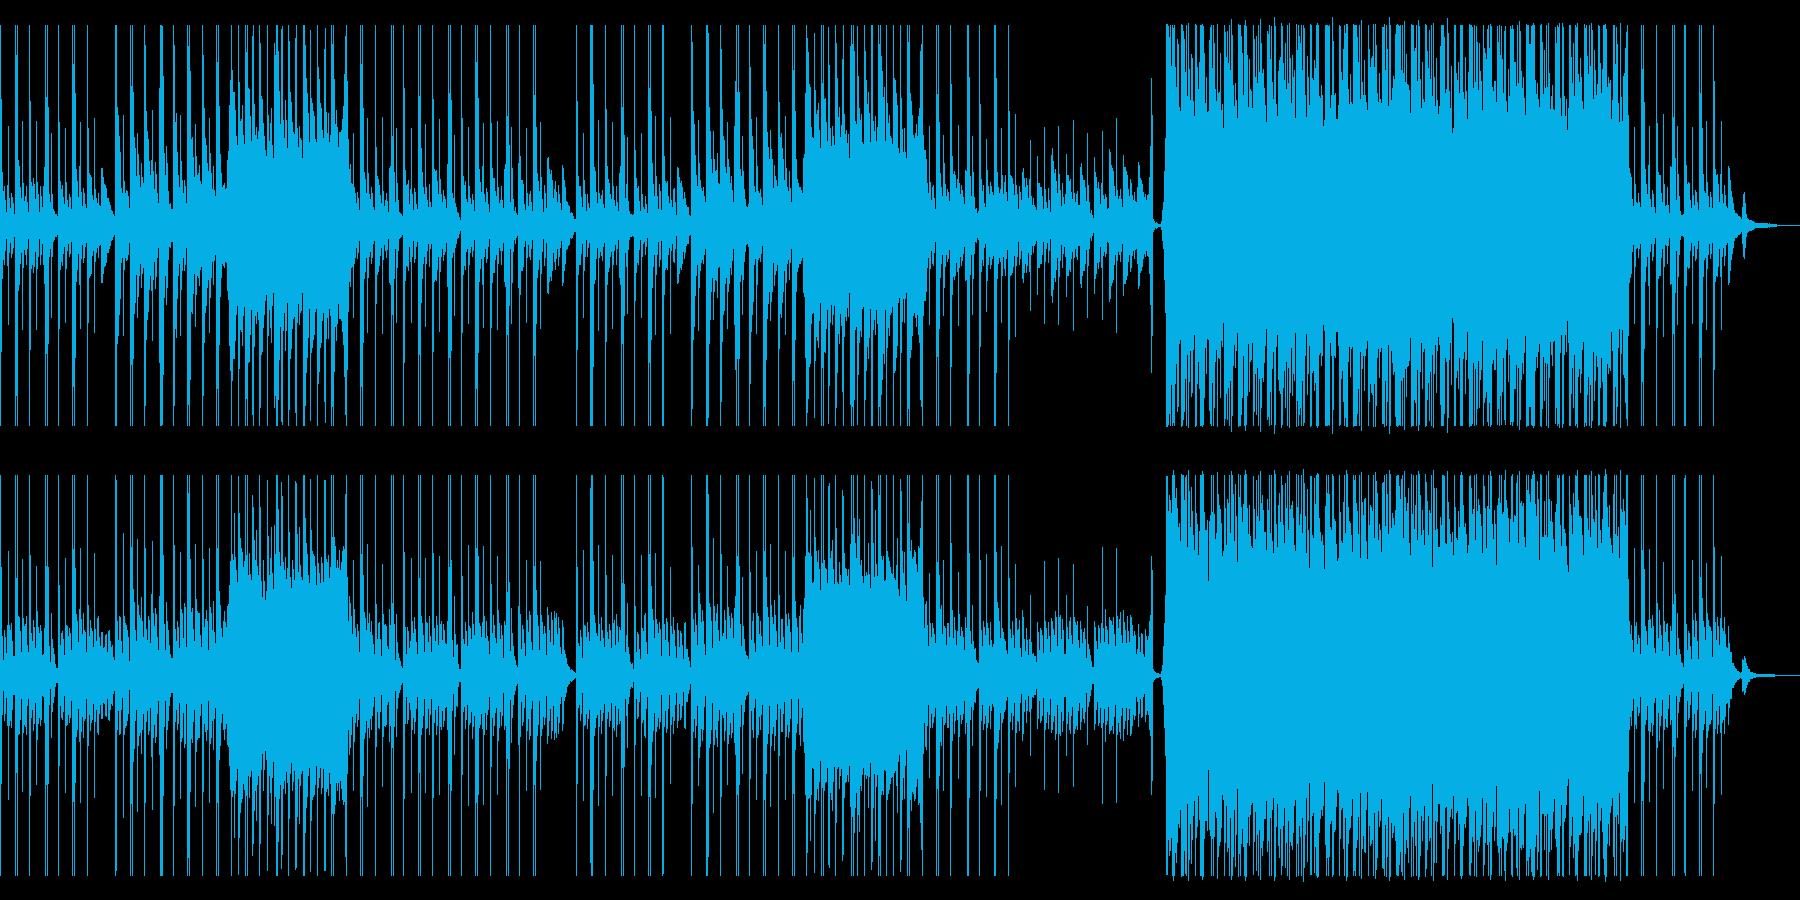 企業VP切なく壮大に盛り上がるピアノ曲②の再生済みの波形